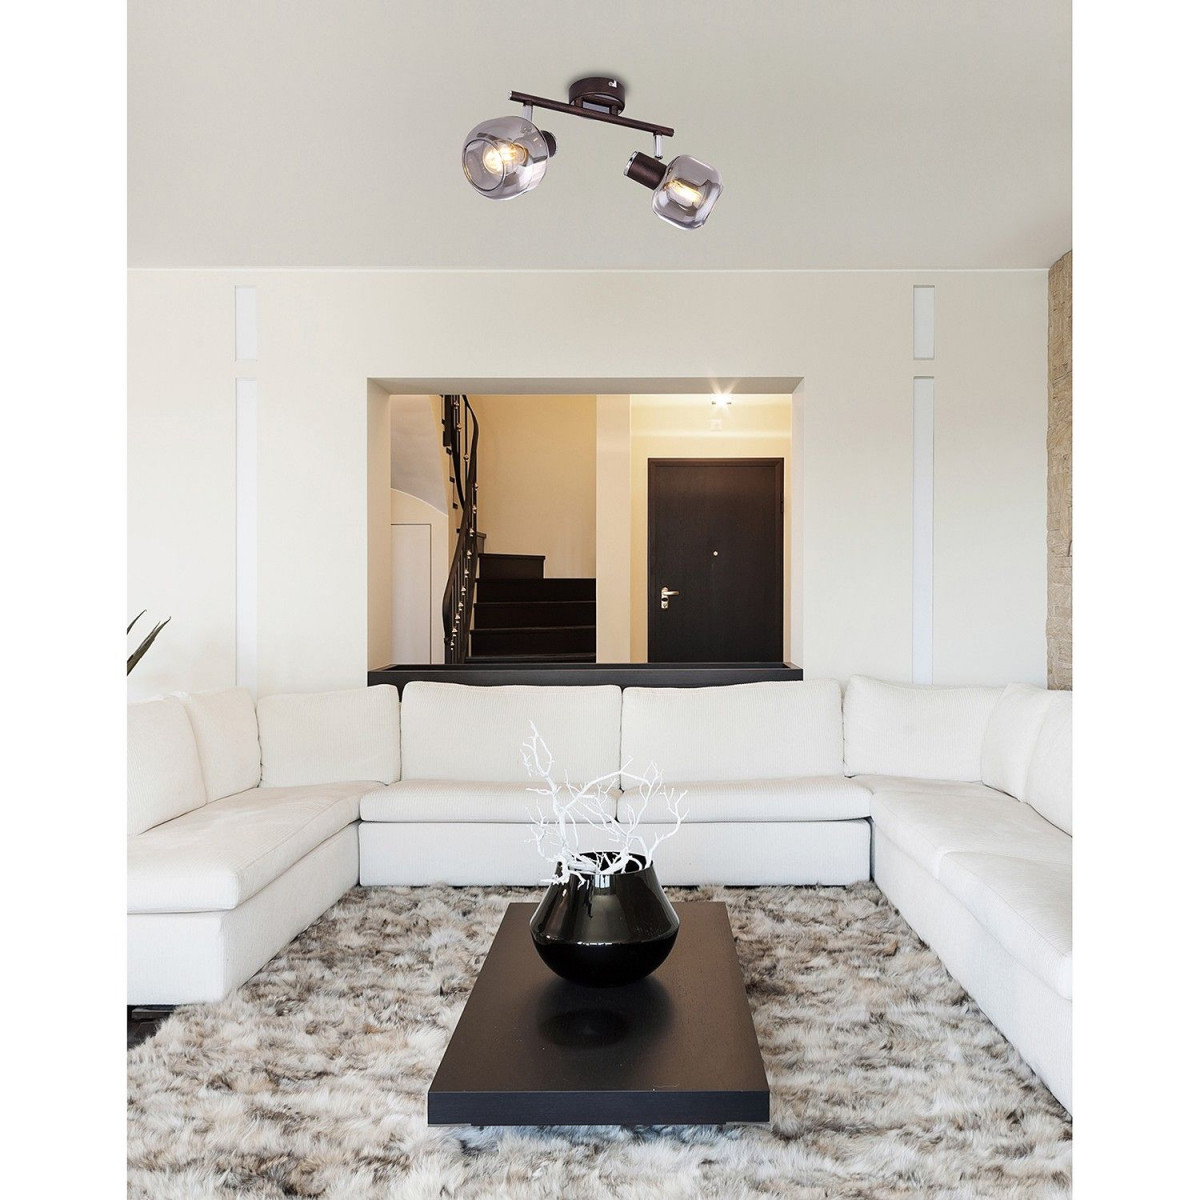 Wohnzimmer Deckenlampe Messing  Deckenlampe Weiß Silber von Wohnzimmer Lampe Messing Photo